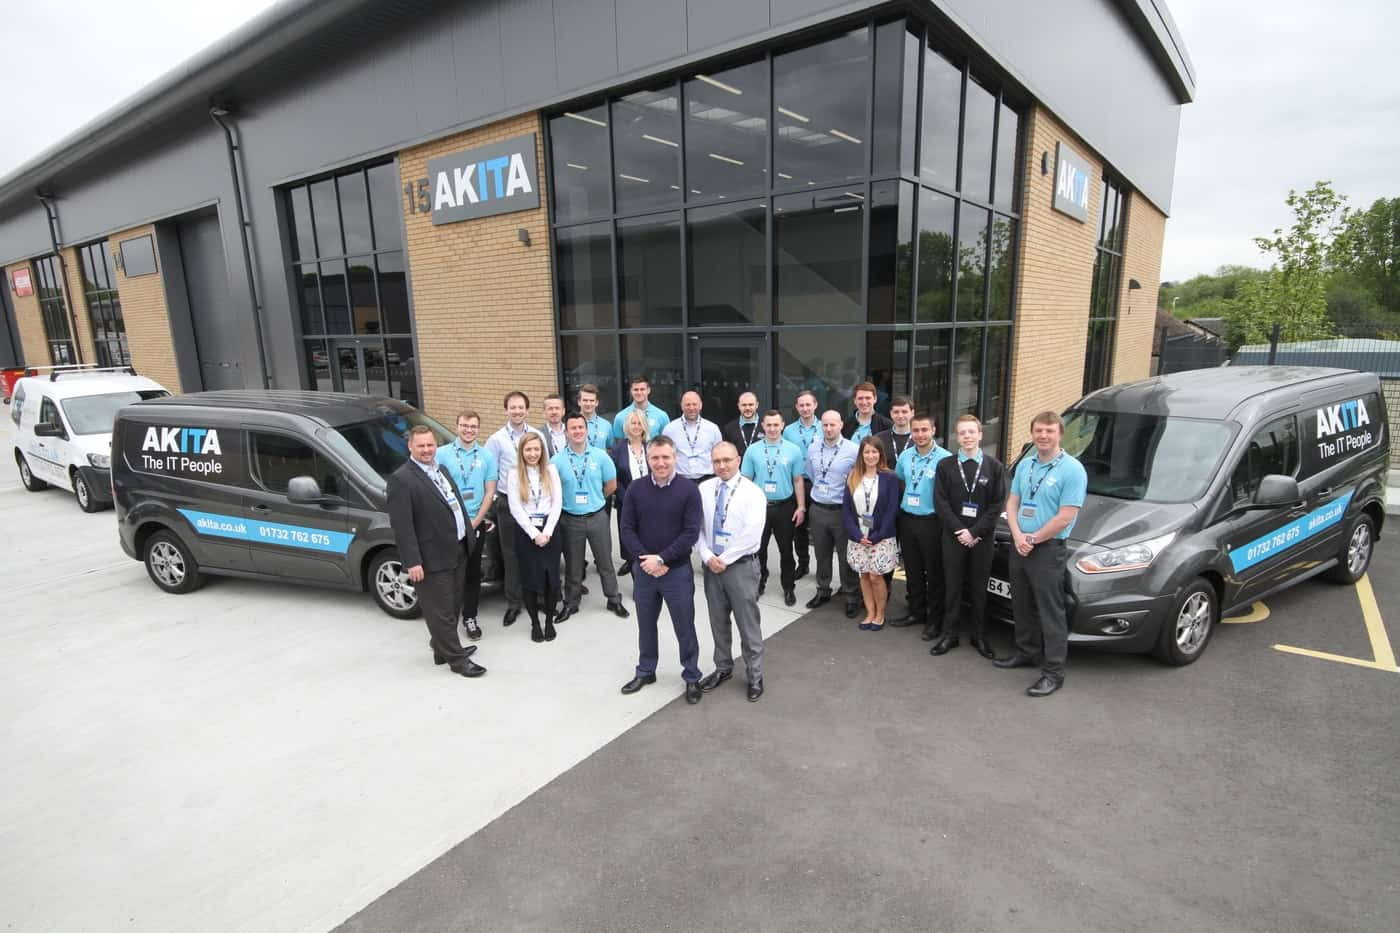 Akita Team at Wrotham